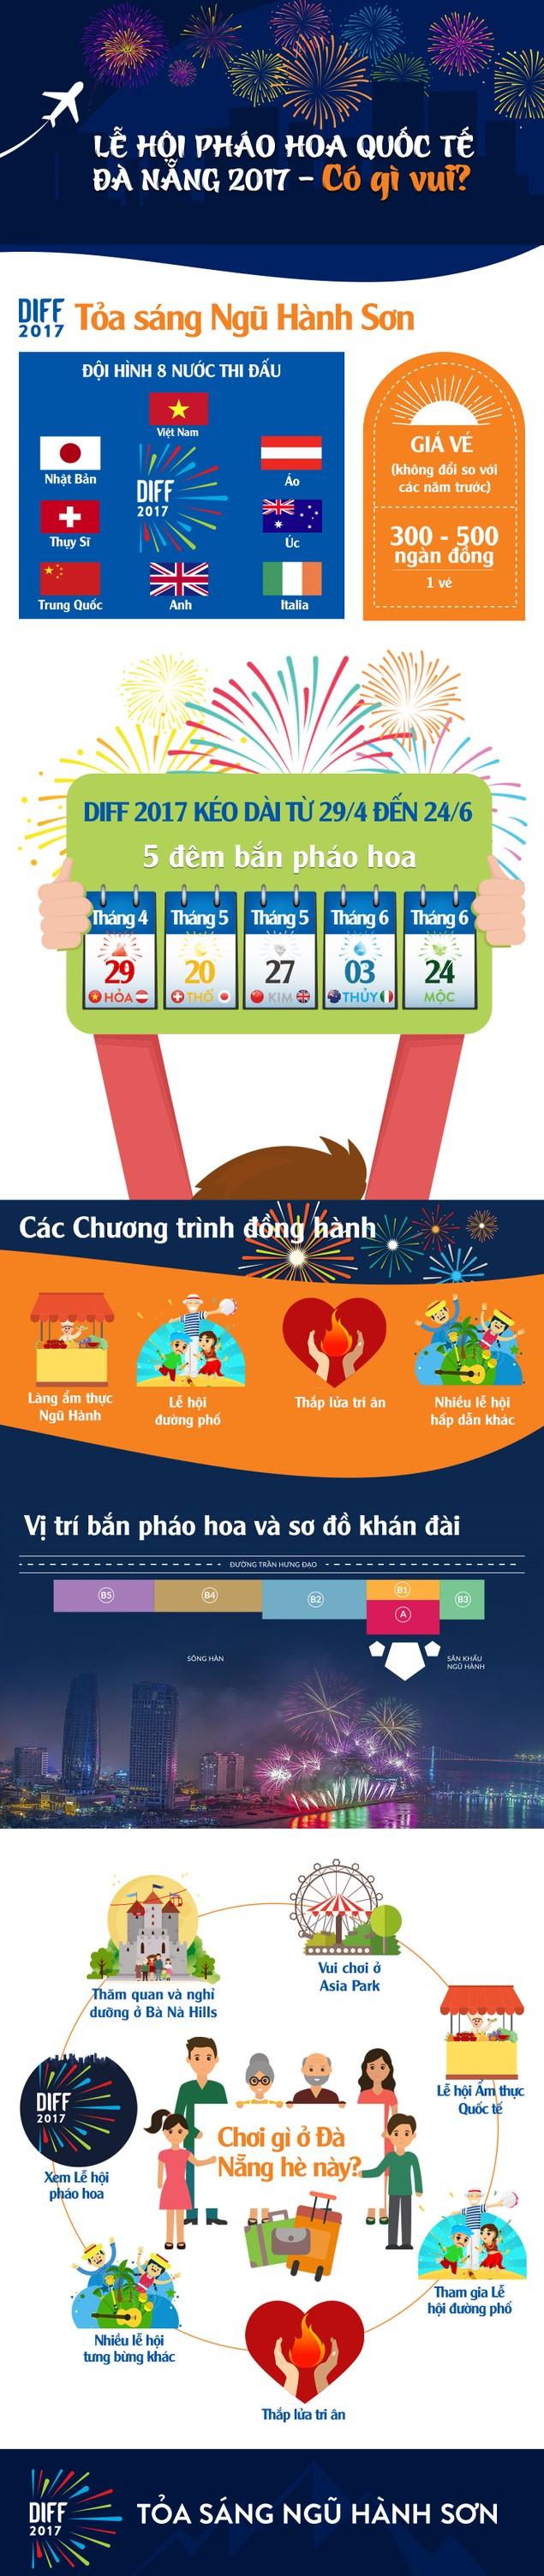 DIFF 2017 - lễ hội pháo hoa quốc tế mang đến Việt Nam những bất ngờ gì? - ảnh 1